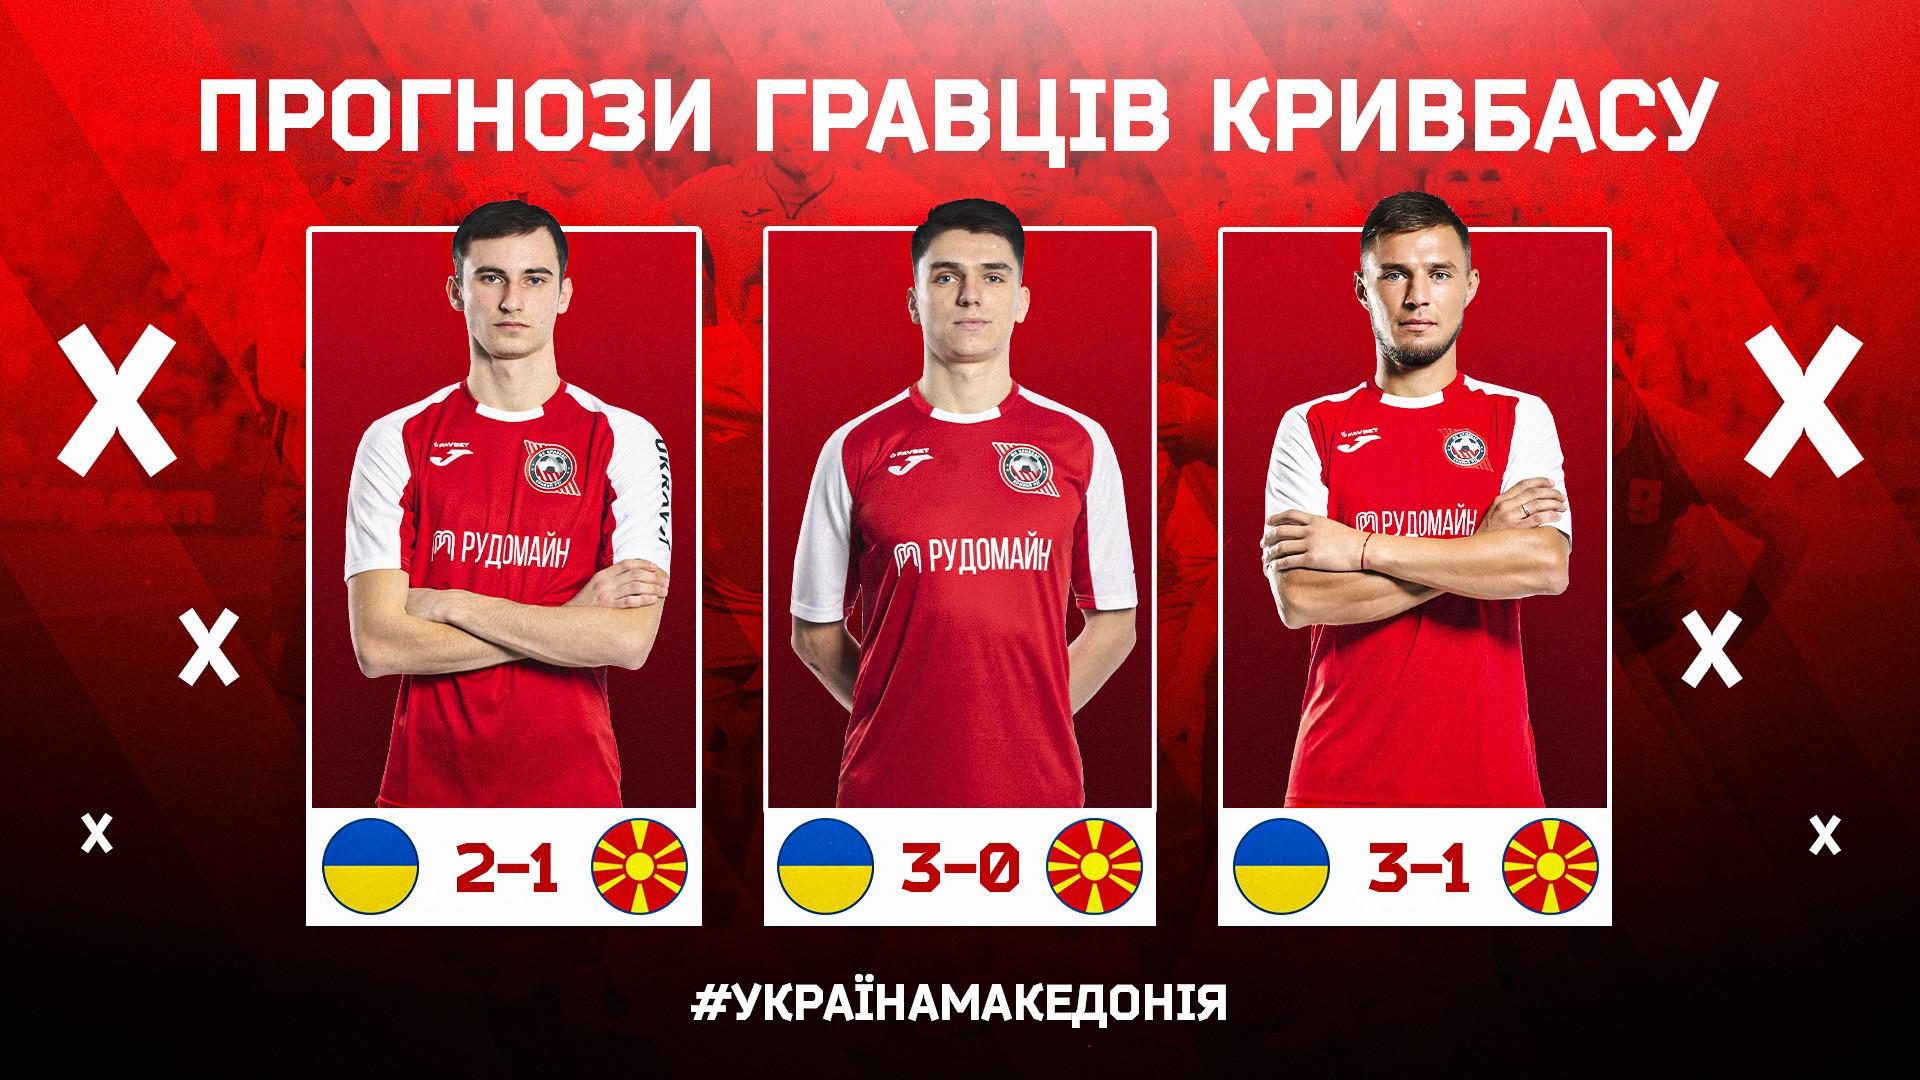 """Україна - Північна Македонія: що прогнозують гравці """"Кривбасу""""?}"""